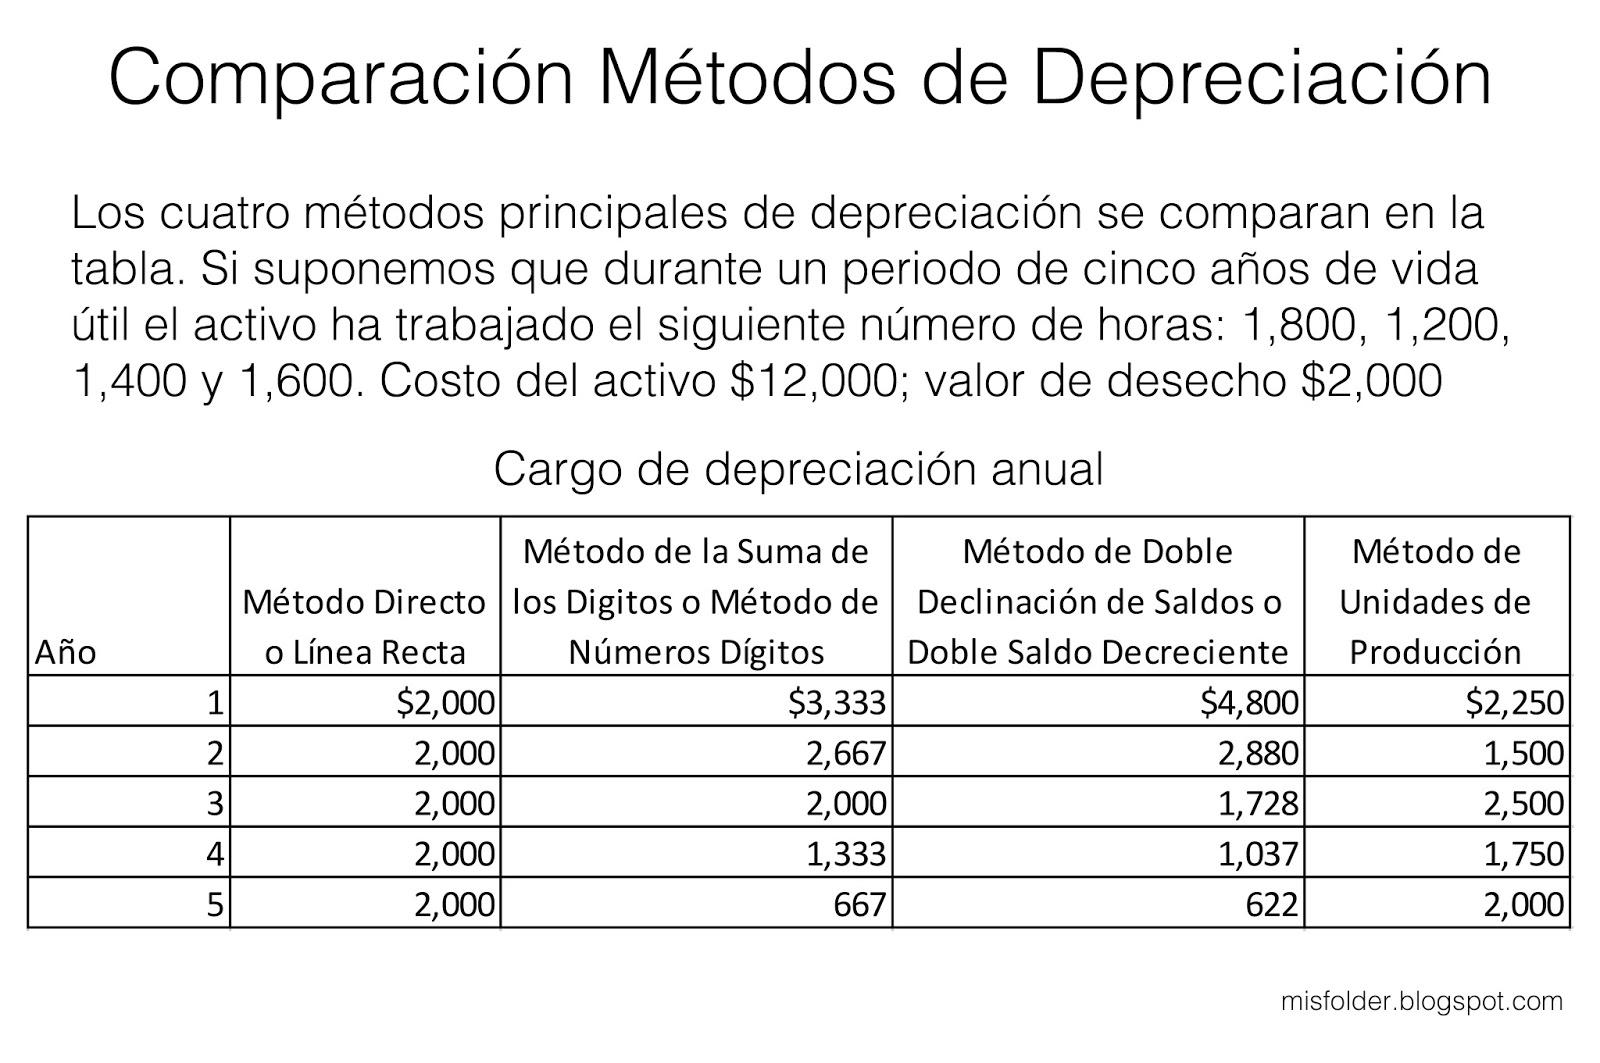 calculo de depreciacion para tenencia 2016 los apuntes del